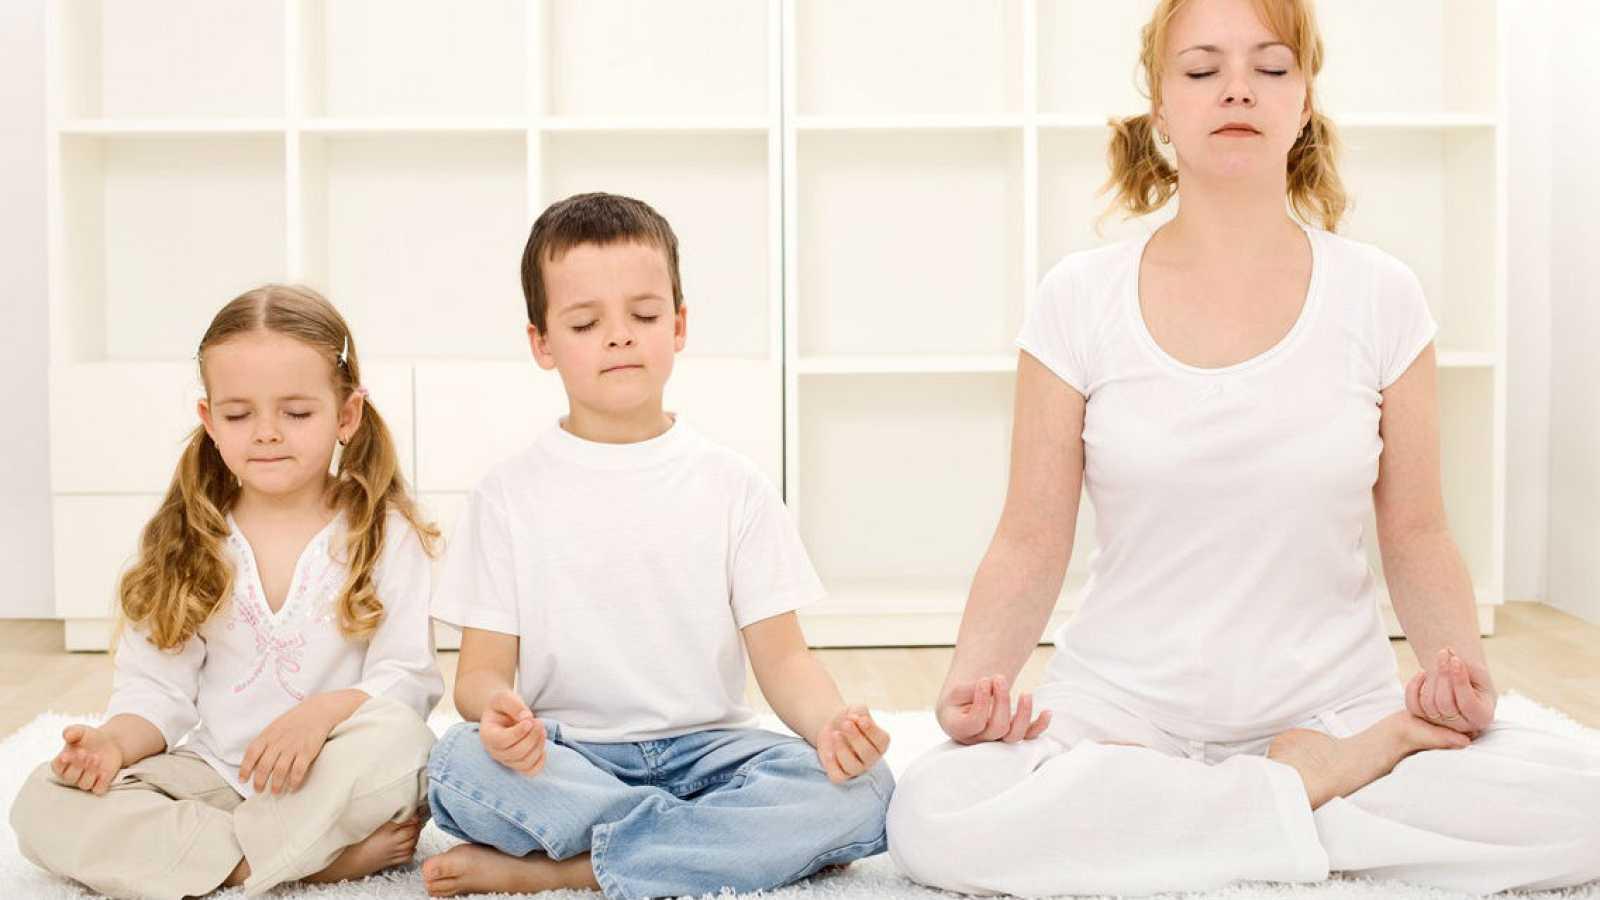 Complementarios - Mindfulness para niños y la maternidad - 13/5/18 - Escuchar ahora